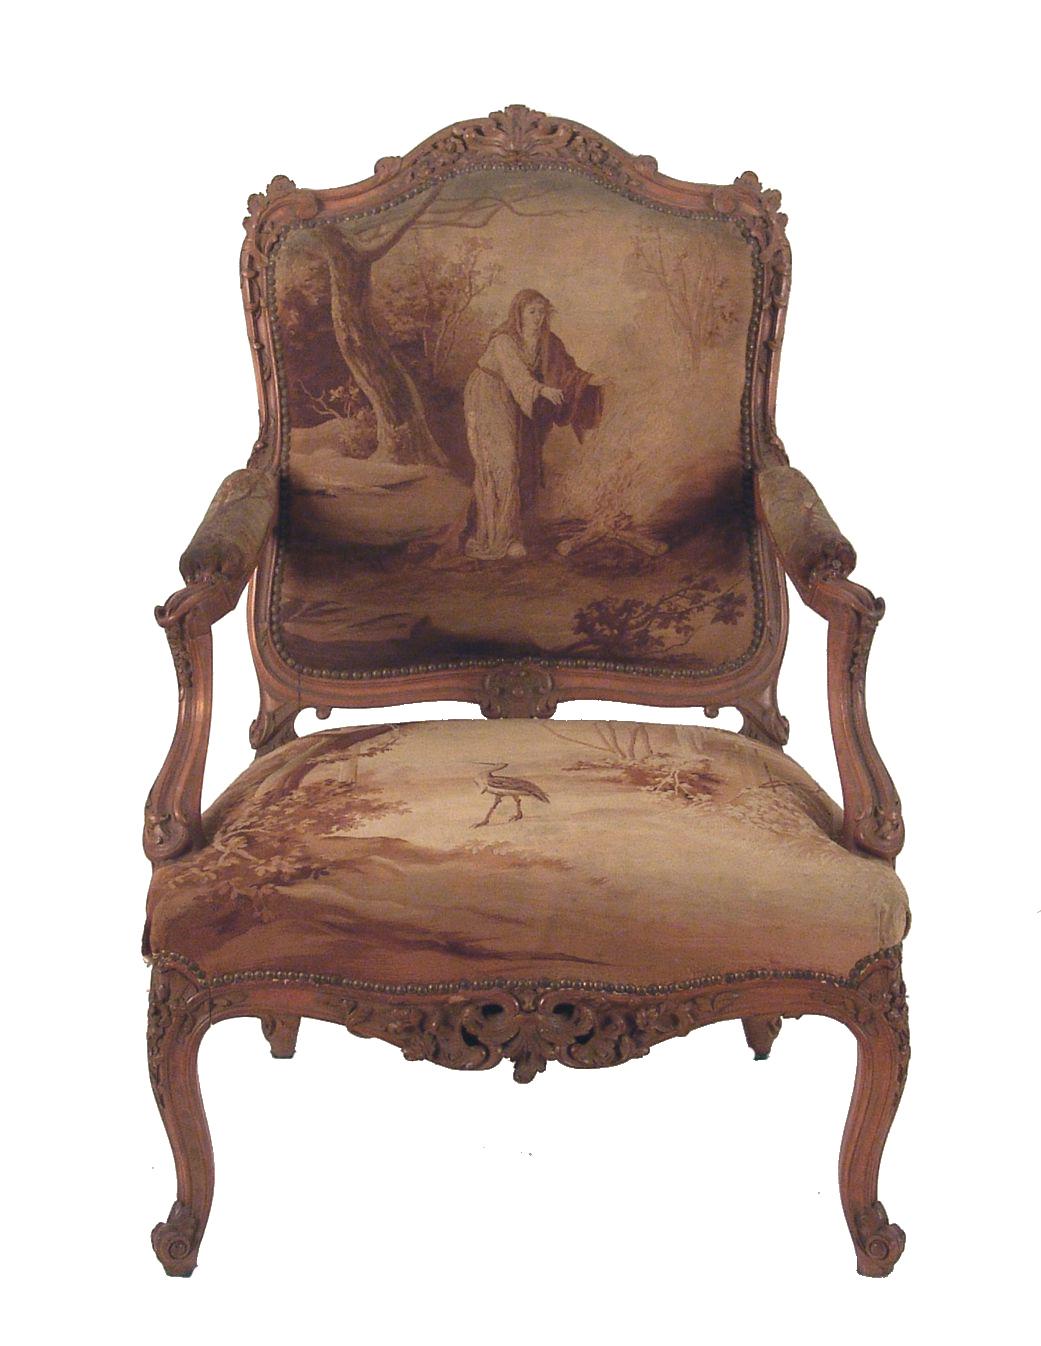 Bgw remate 213 muebles gek htm gendata - Sillones con estilo ...